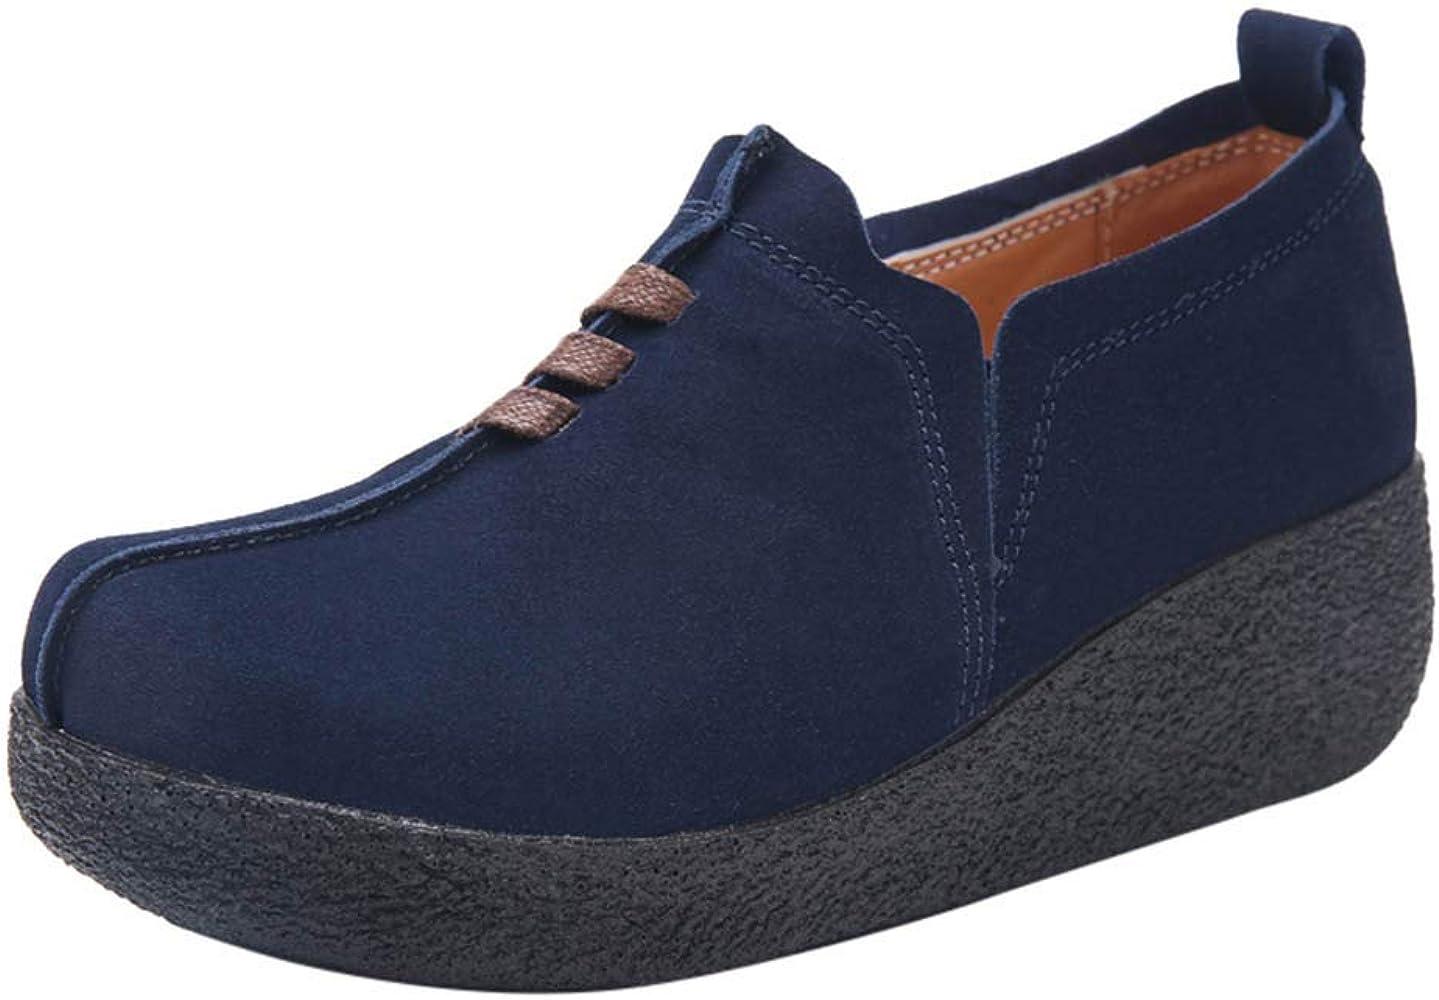 VECDY Sandalias Mujer Verano 2019, Zapatos Deporte Mujer Zapatillas Deportivas Correr Gimnasio Caminar Mesh Running Transpirable Guisantes Barco Zapato Madre Zapatos Individuales Azul,35: Amazon.es: Ropa y accesorios